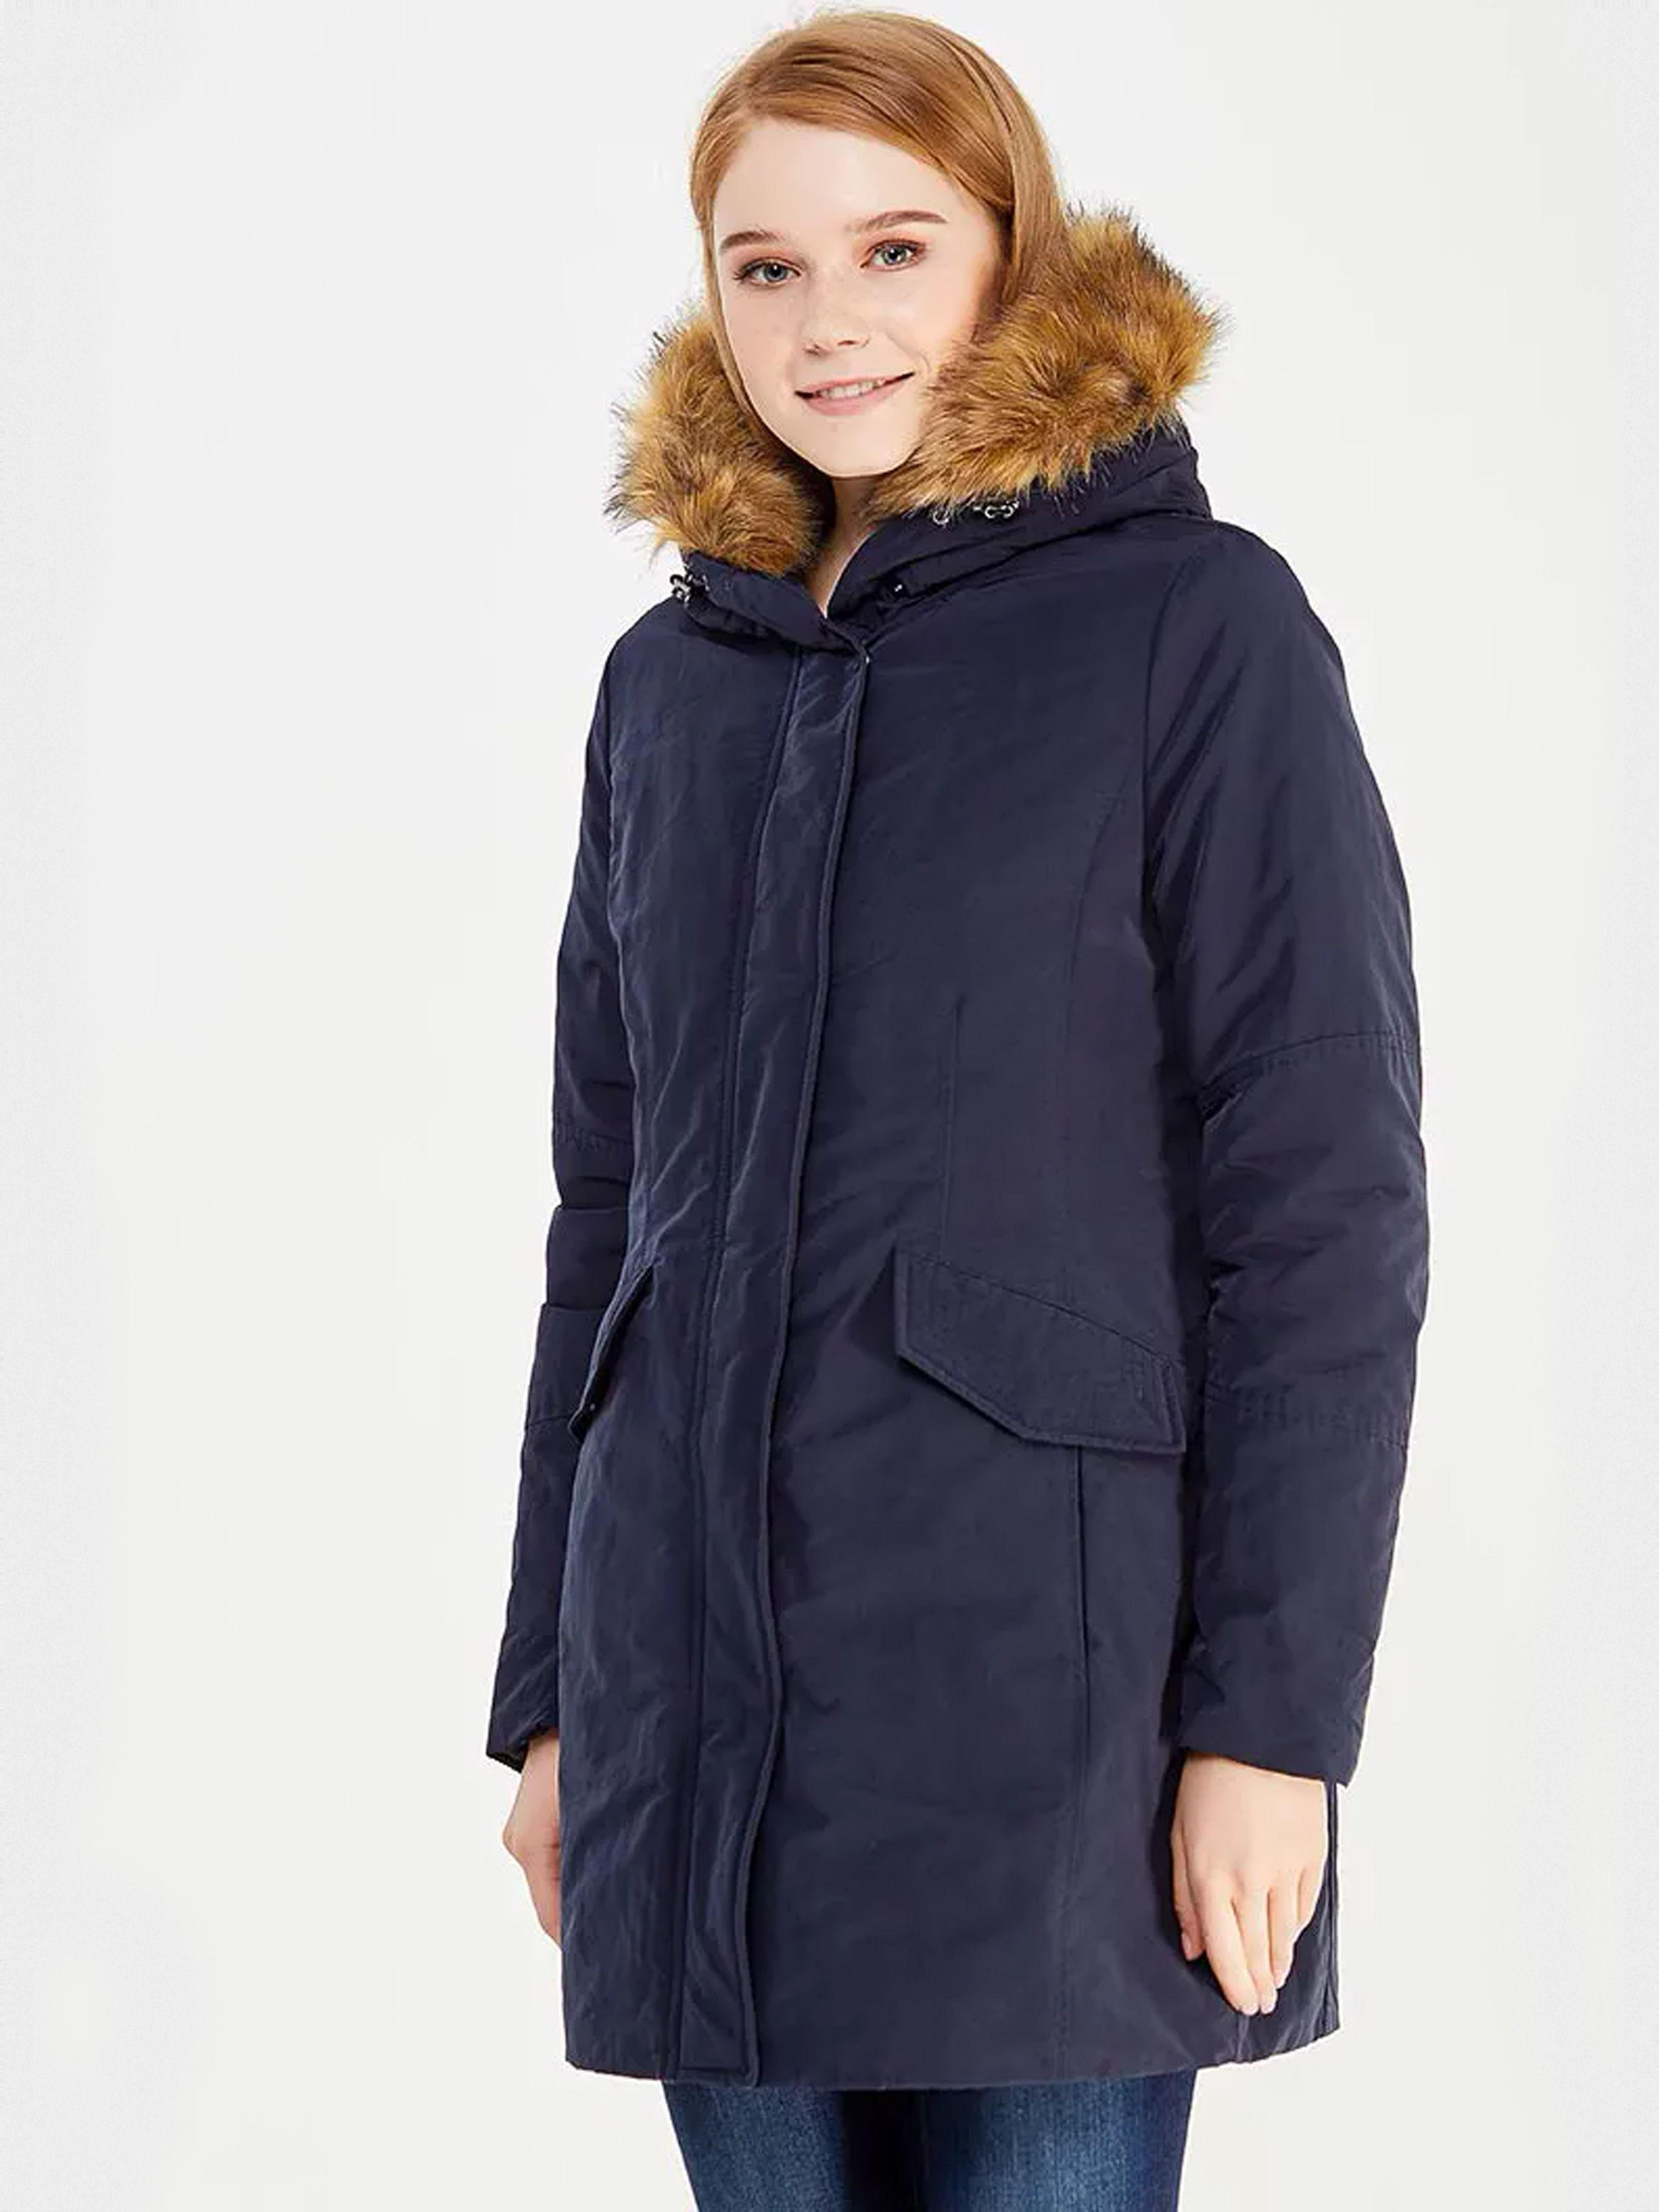 Купить Пальто женские модель XA5885, Geox, Синий